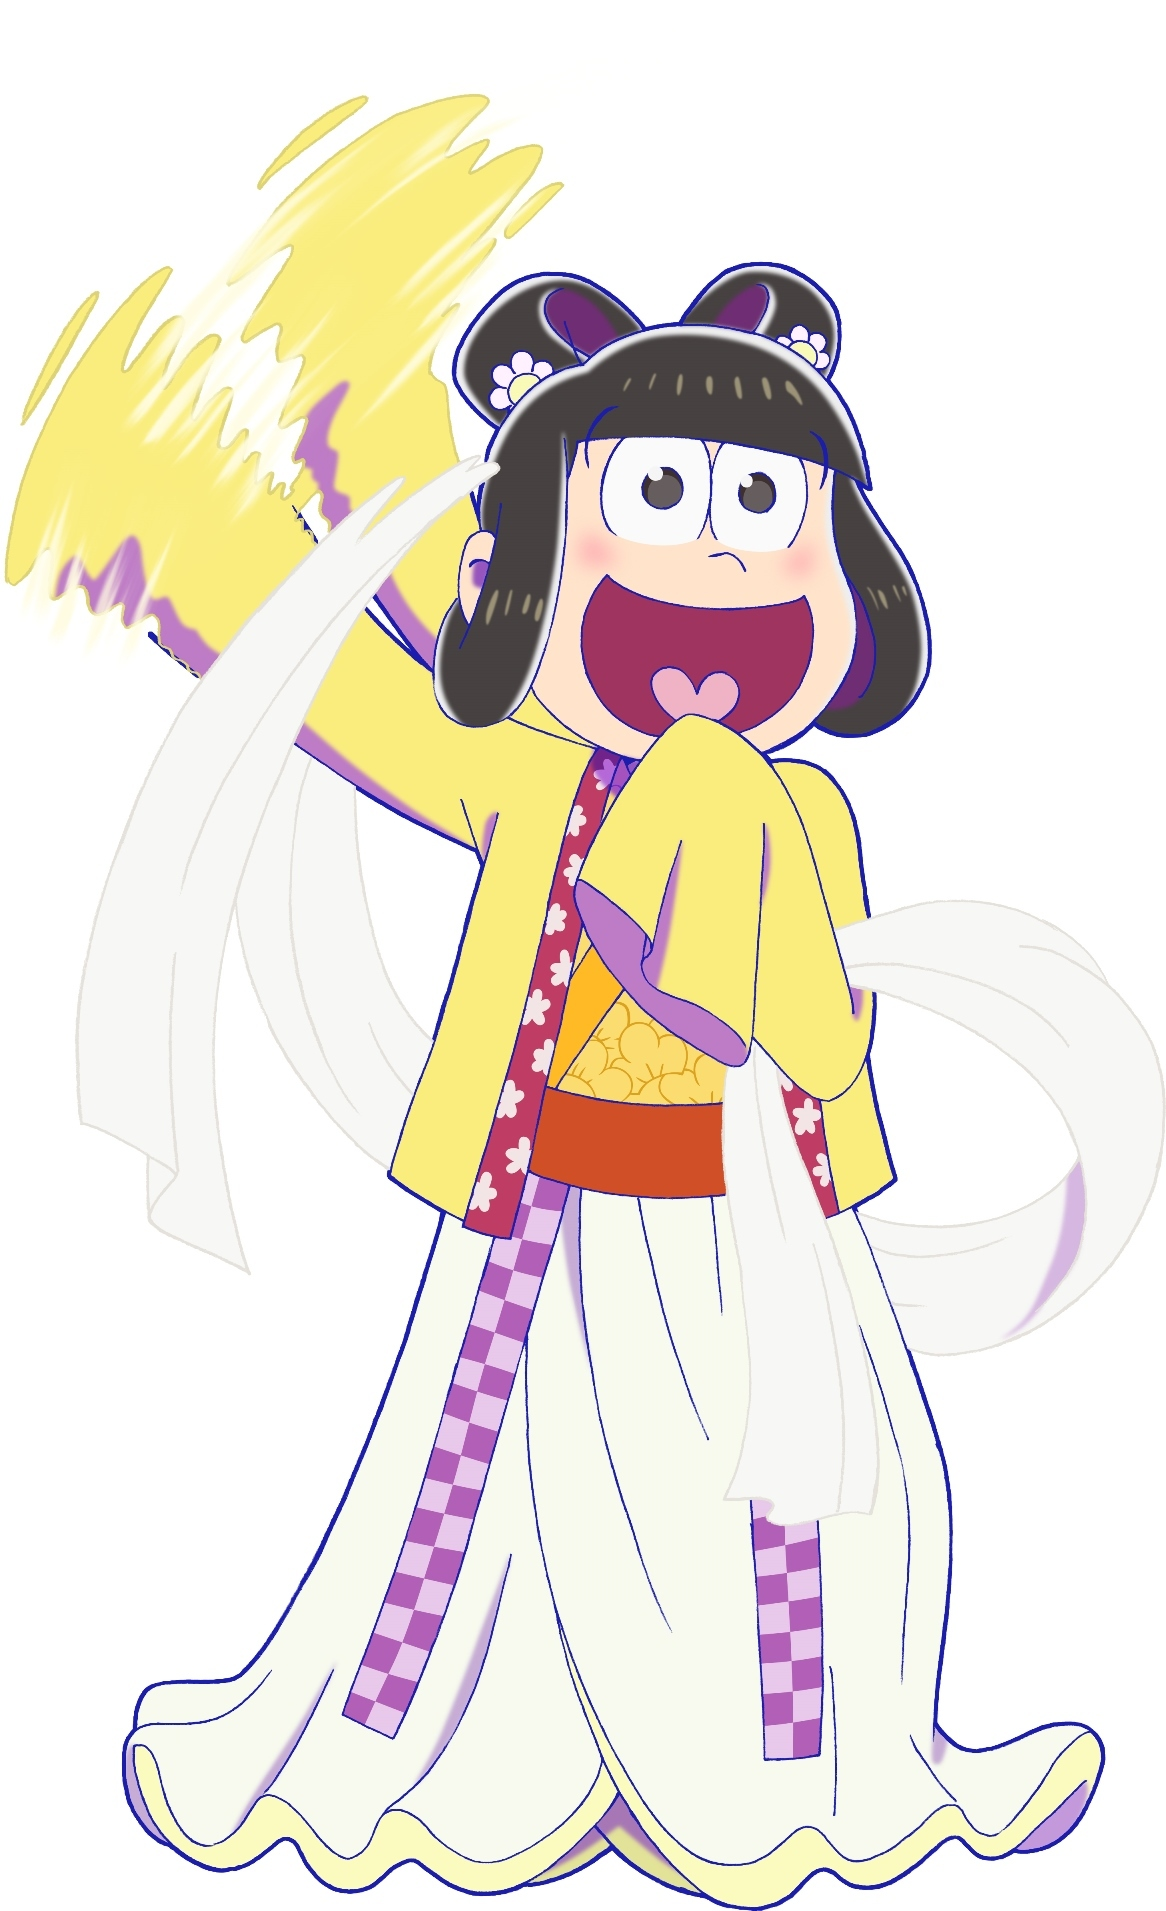 十四松×佐用姫 ©赤塚不二夫/おそ松さん製作委員会